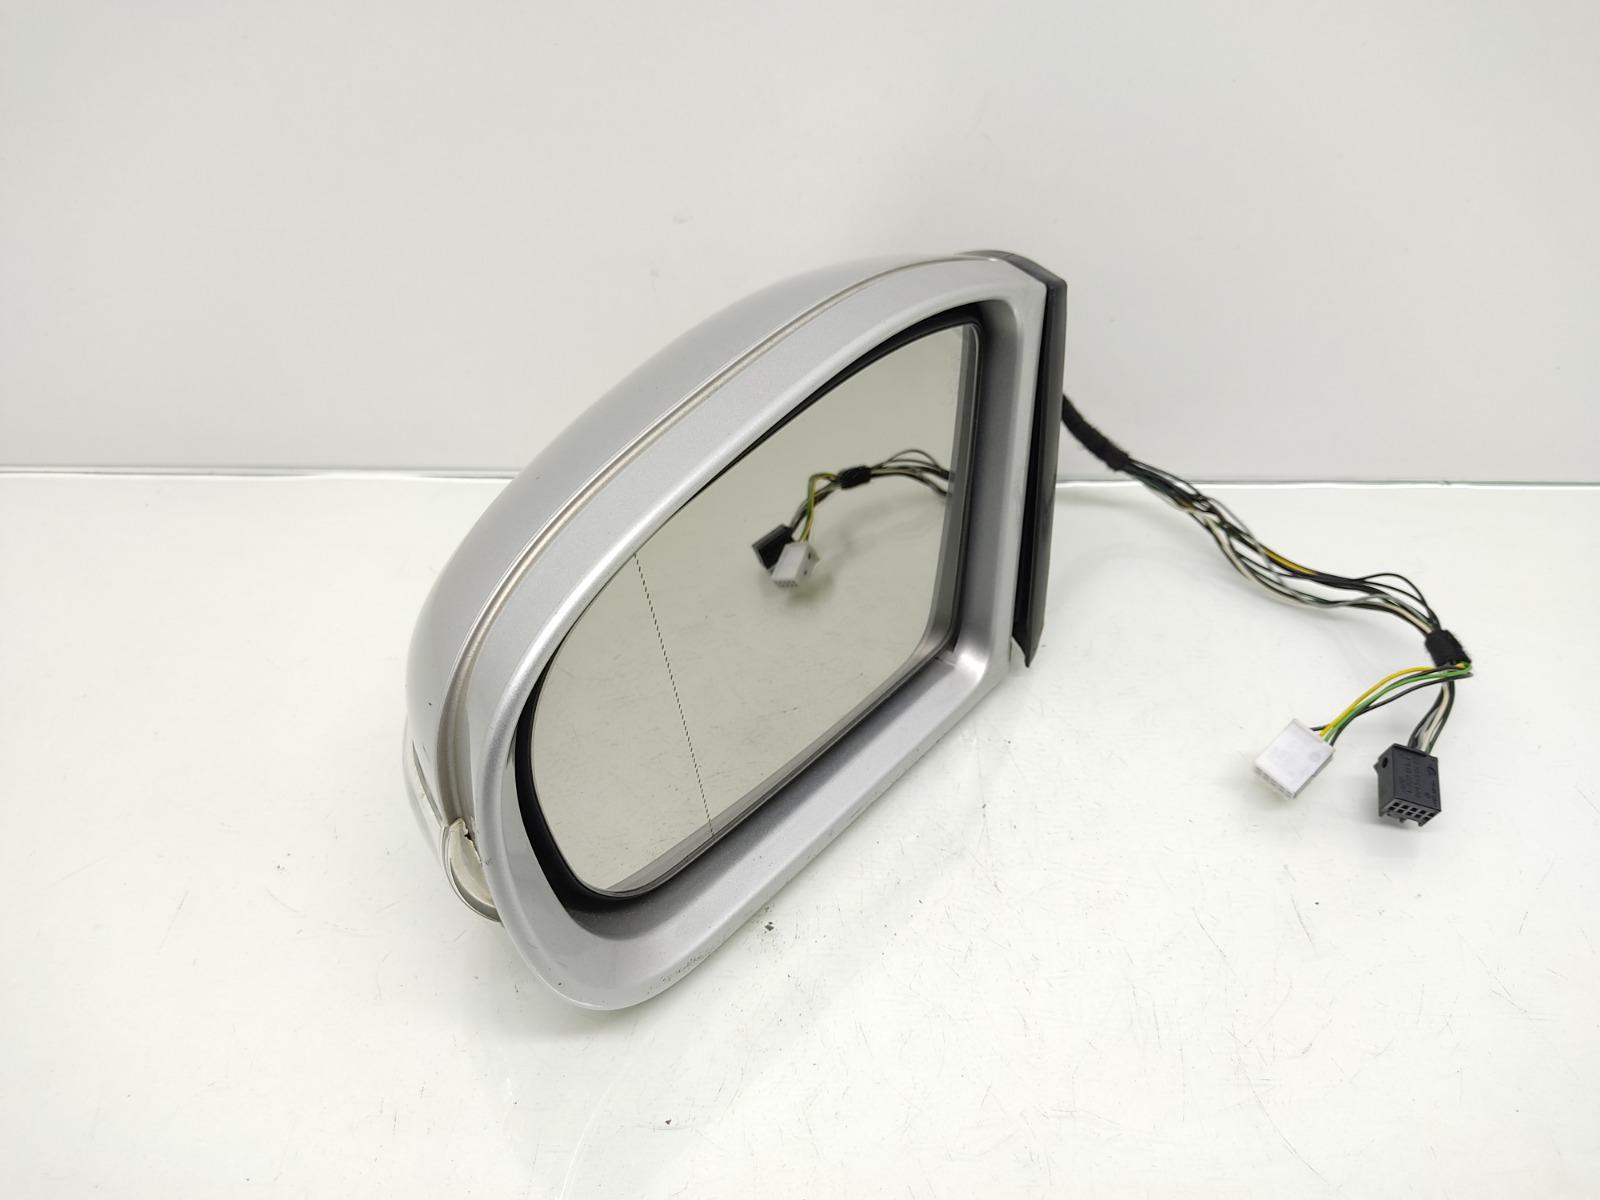 Зеркало наружное левое Mercedes E W211 2.7 CDI 2005 (б/у)